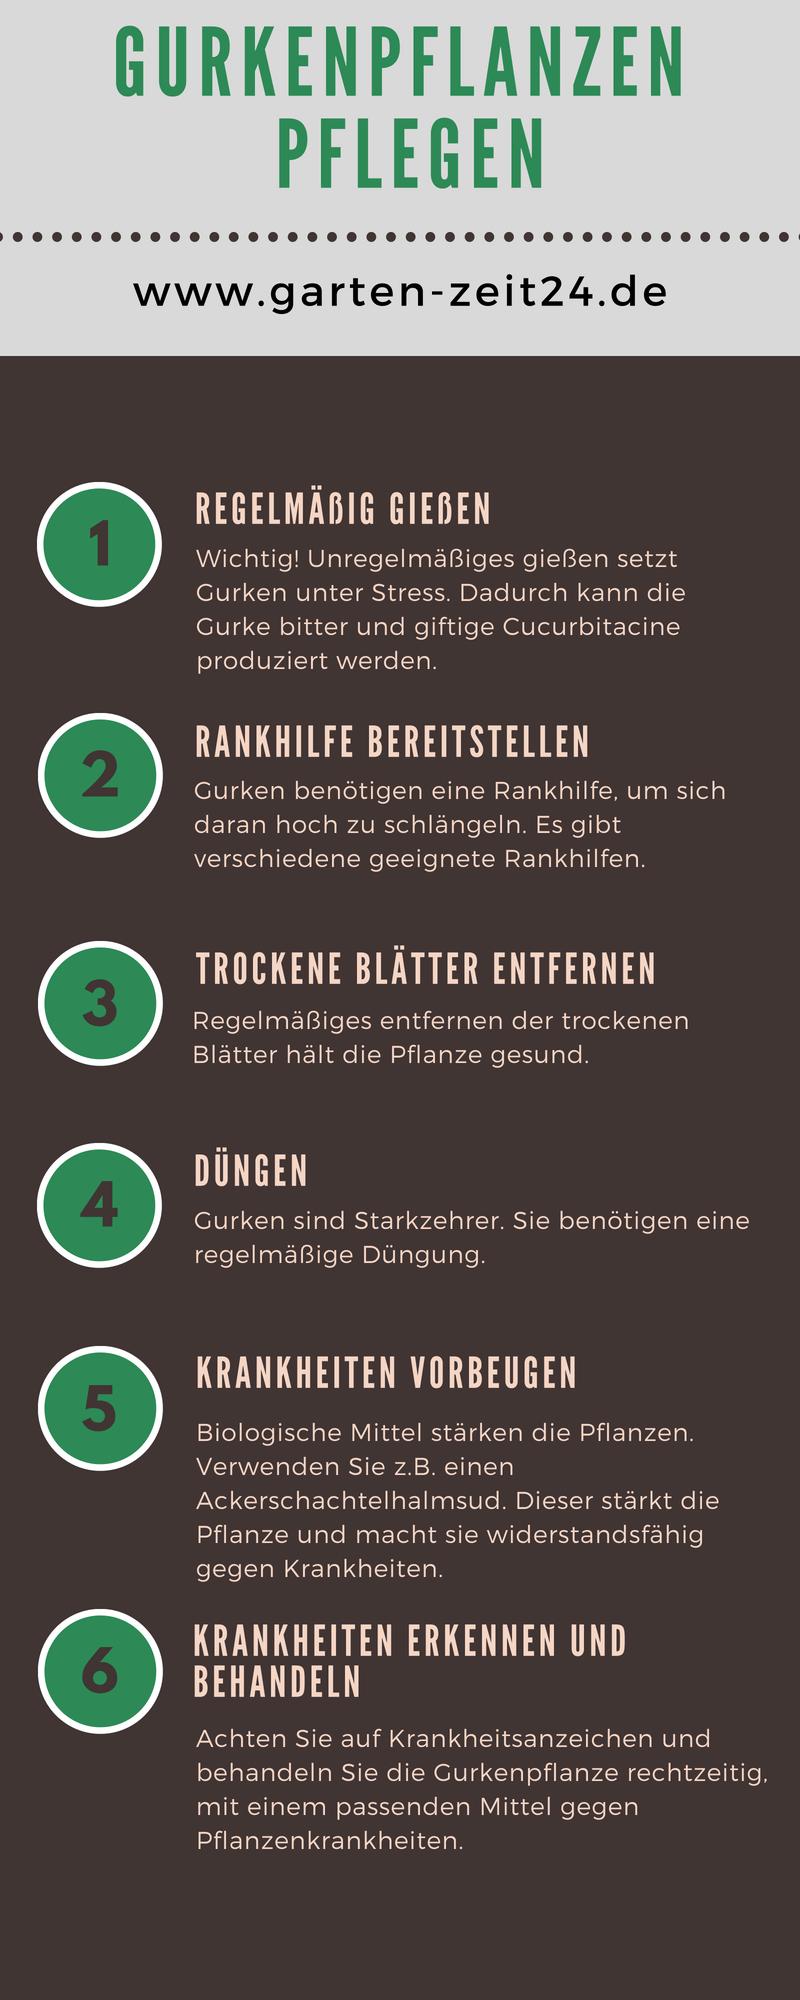 Infografik Gurkenpflanzen pflegen